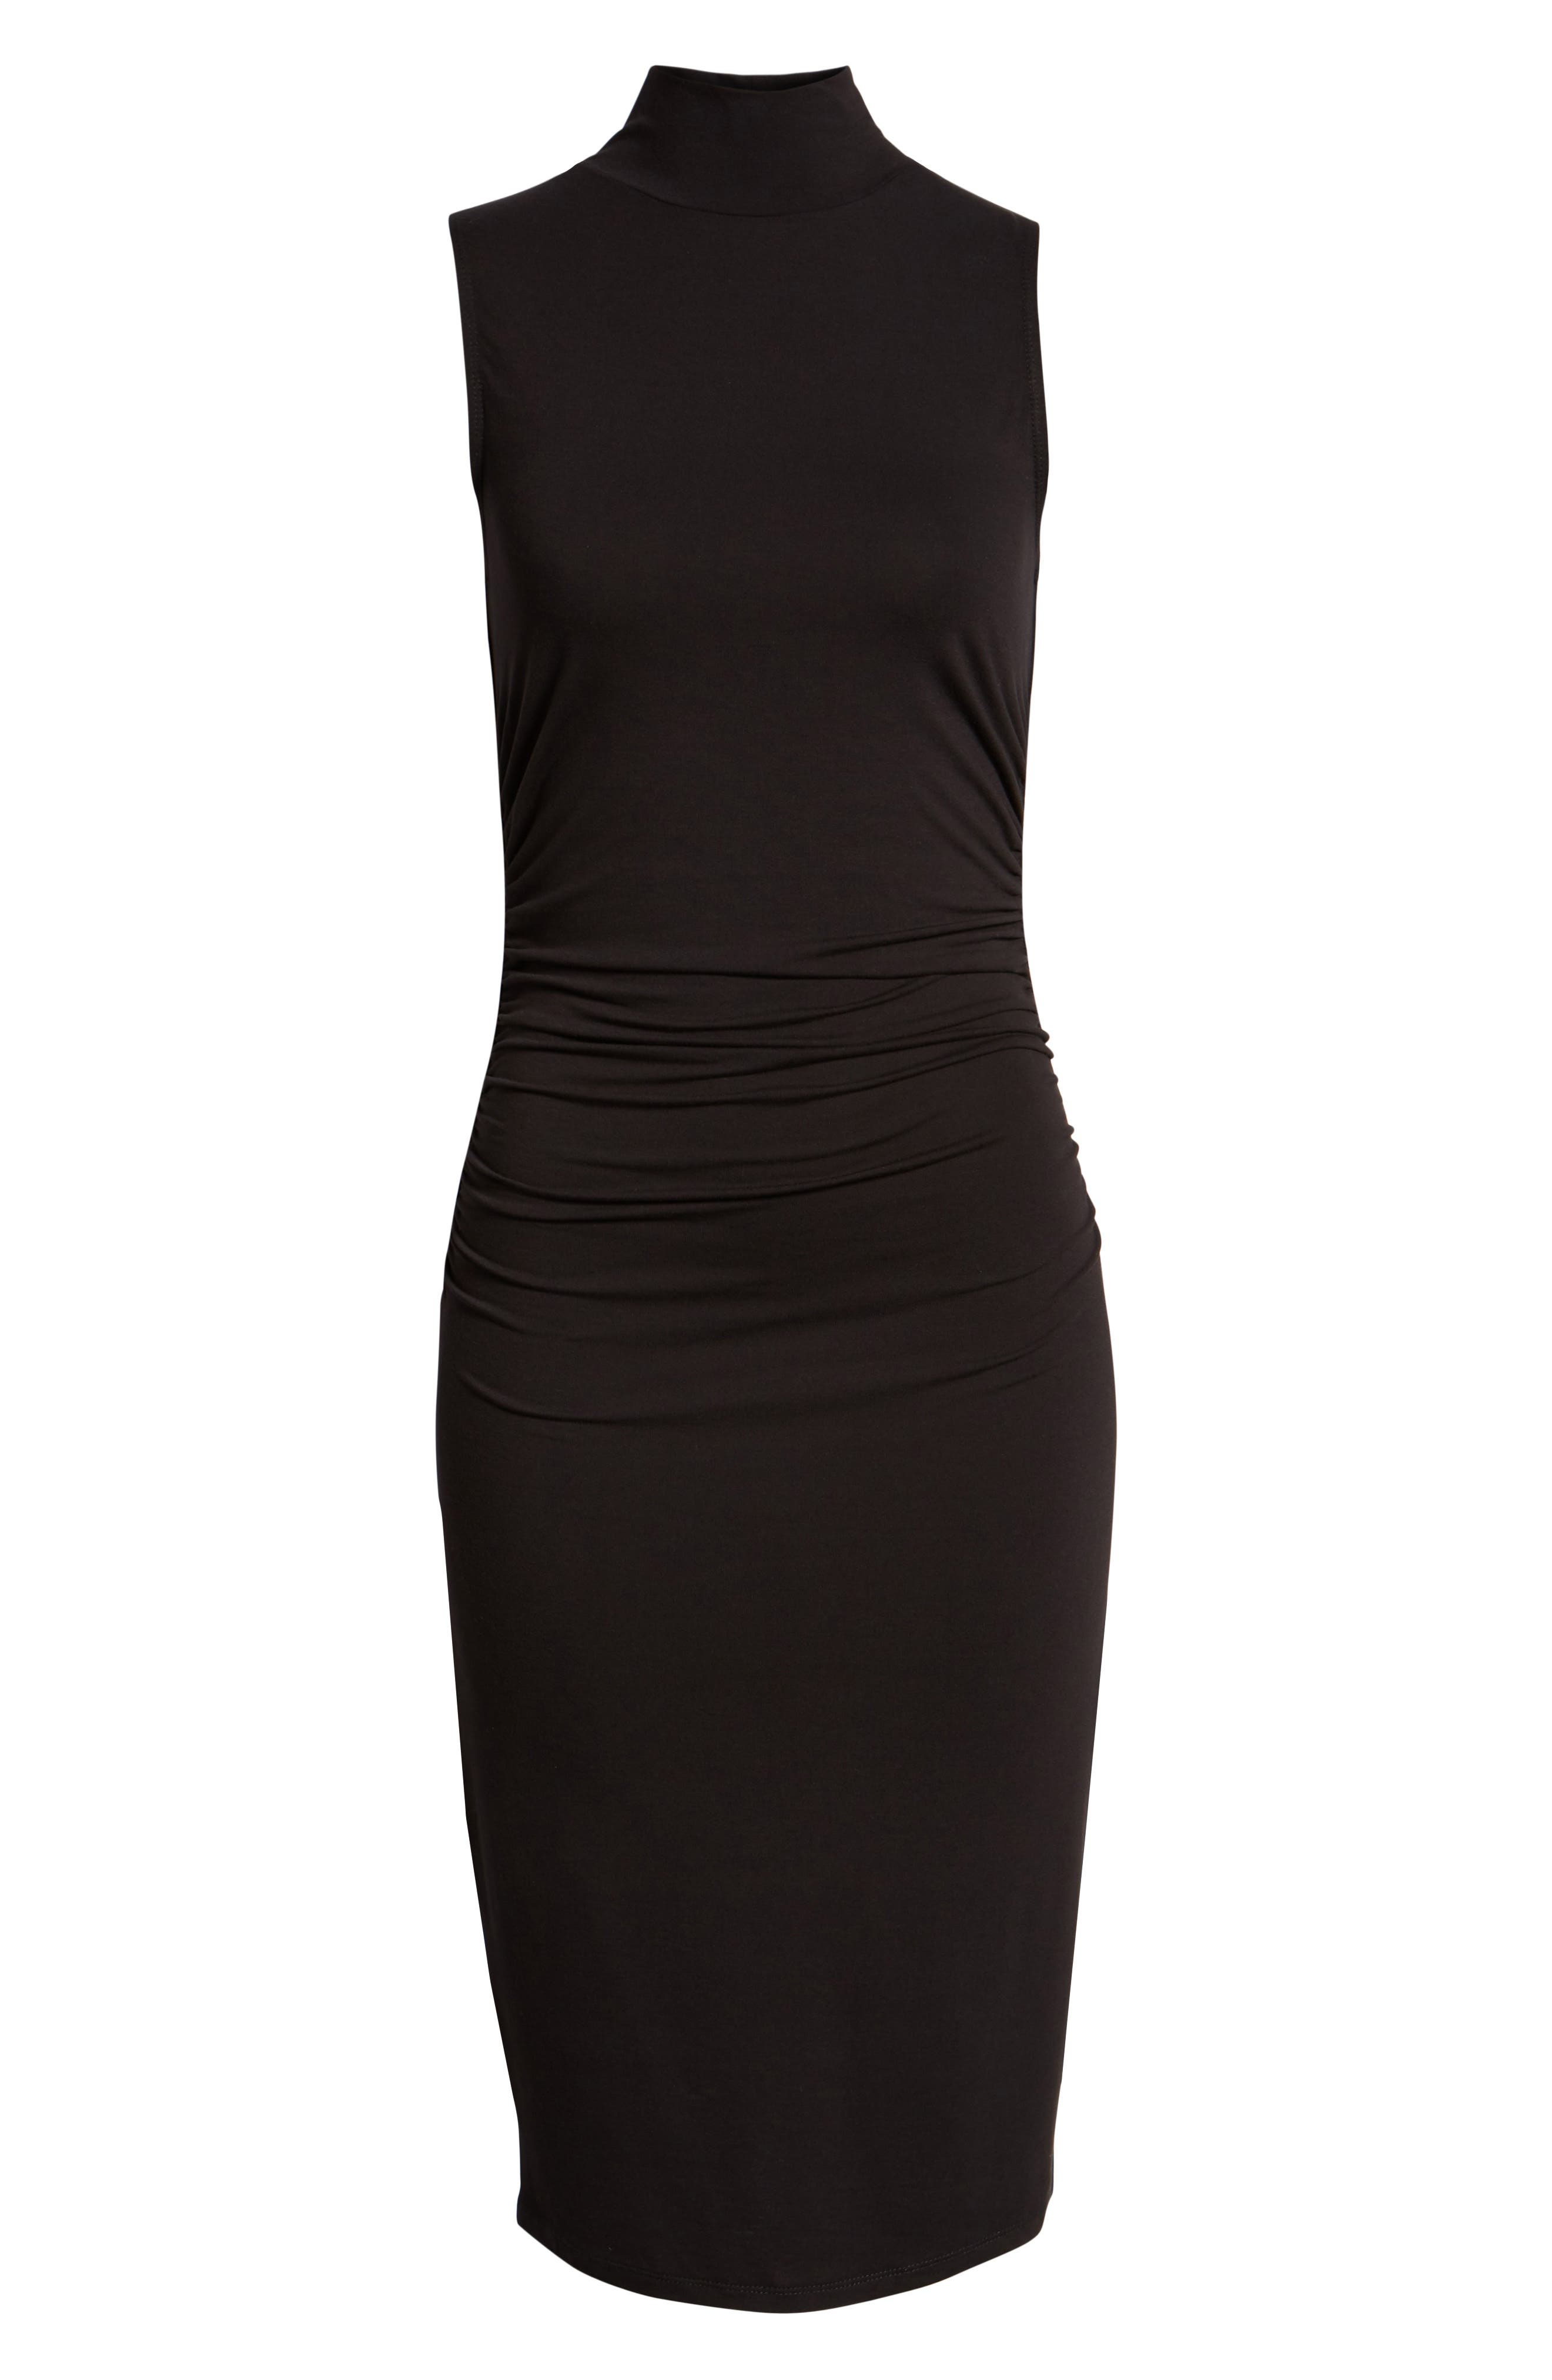 Mock Neck Tank Dress,                             Alternate thumbnail 7, color,                             BLACK